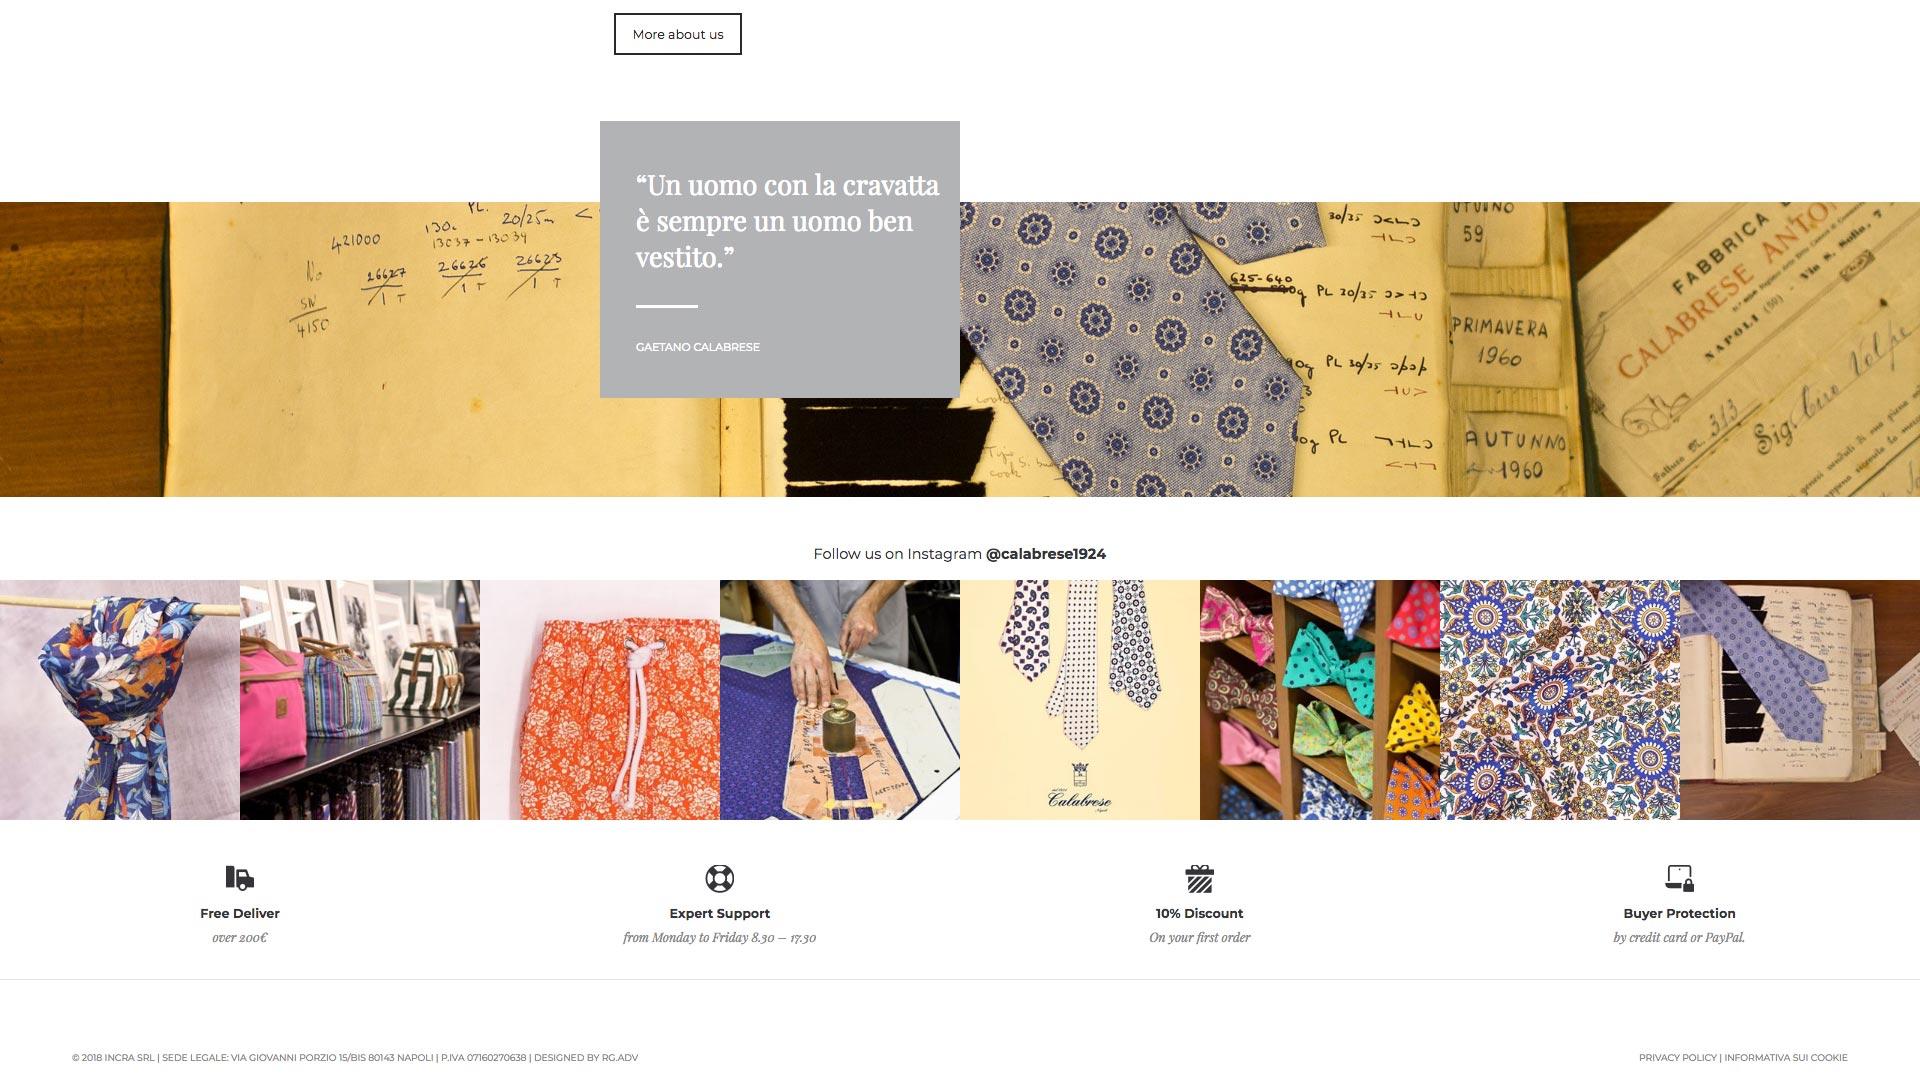 agenzia-comunicazione-napoli-roberto-guariglia-advertising-portfolio-work-fashion-sartoria-calabrese-cravatte-napoli-cravatte-sartoriali-napoli-annalisa-calabrese-6.jpg